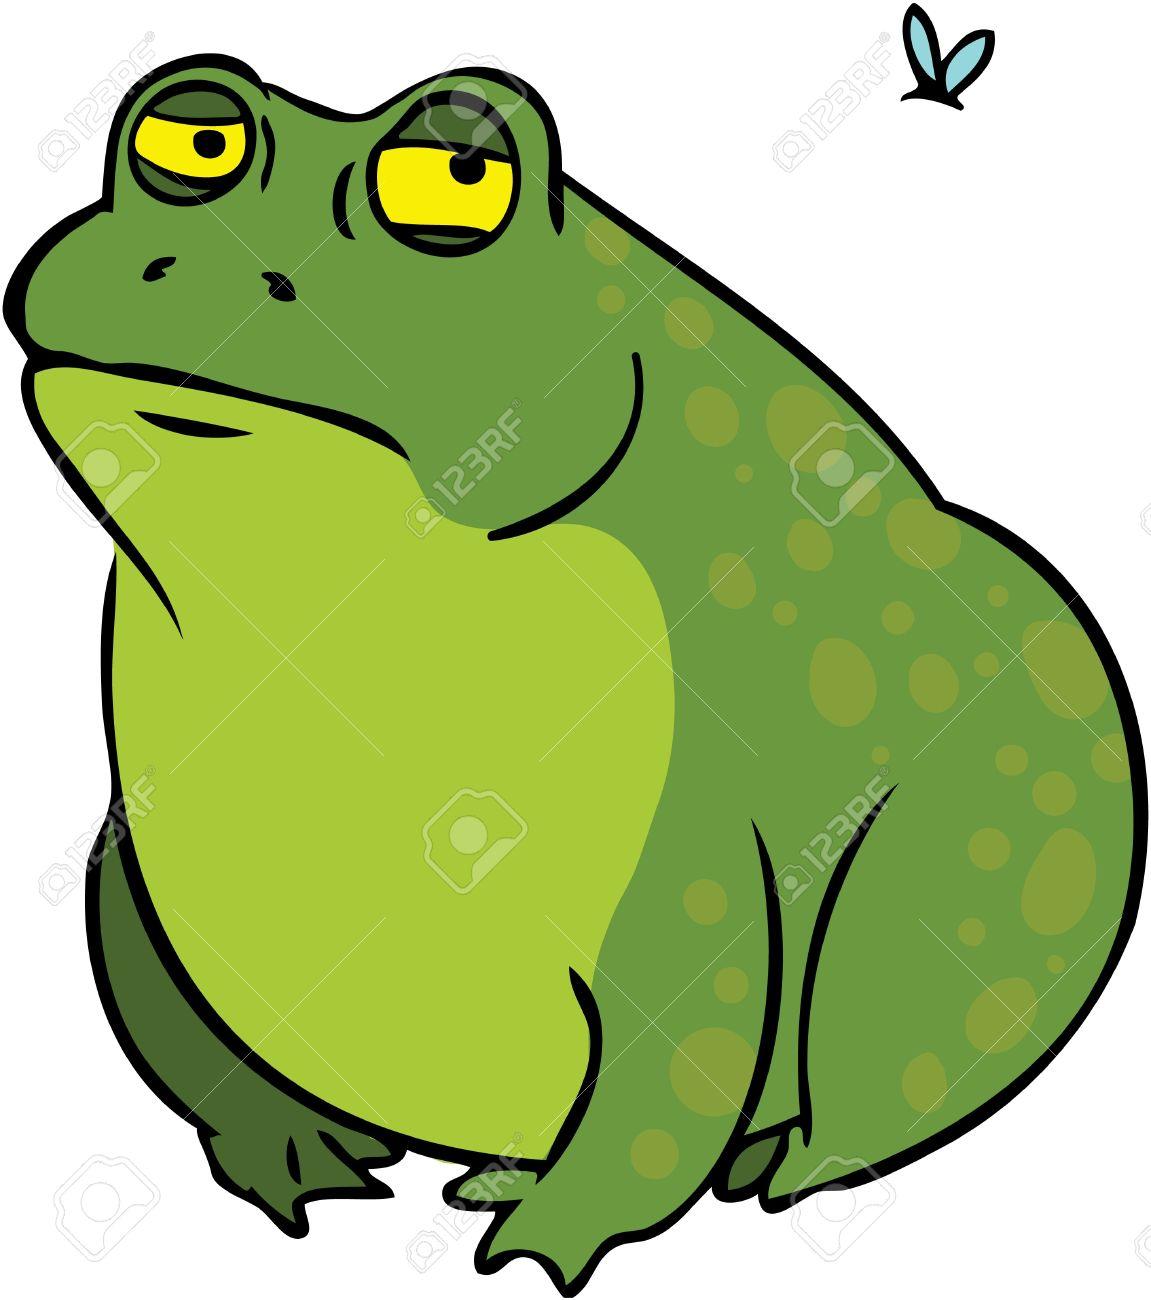 10883645-Grumpy-frog-cartoon-character-l